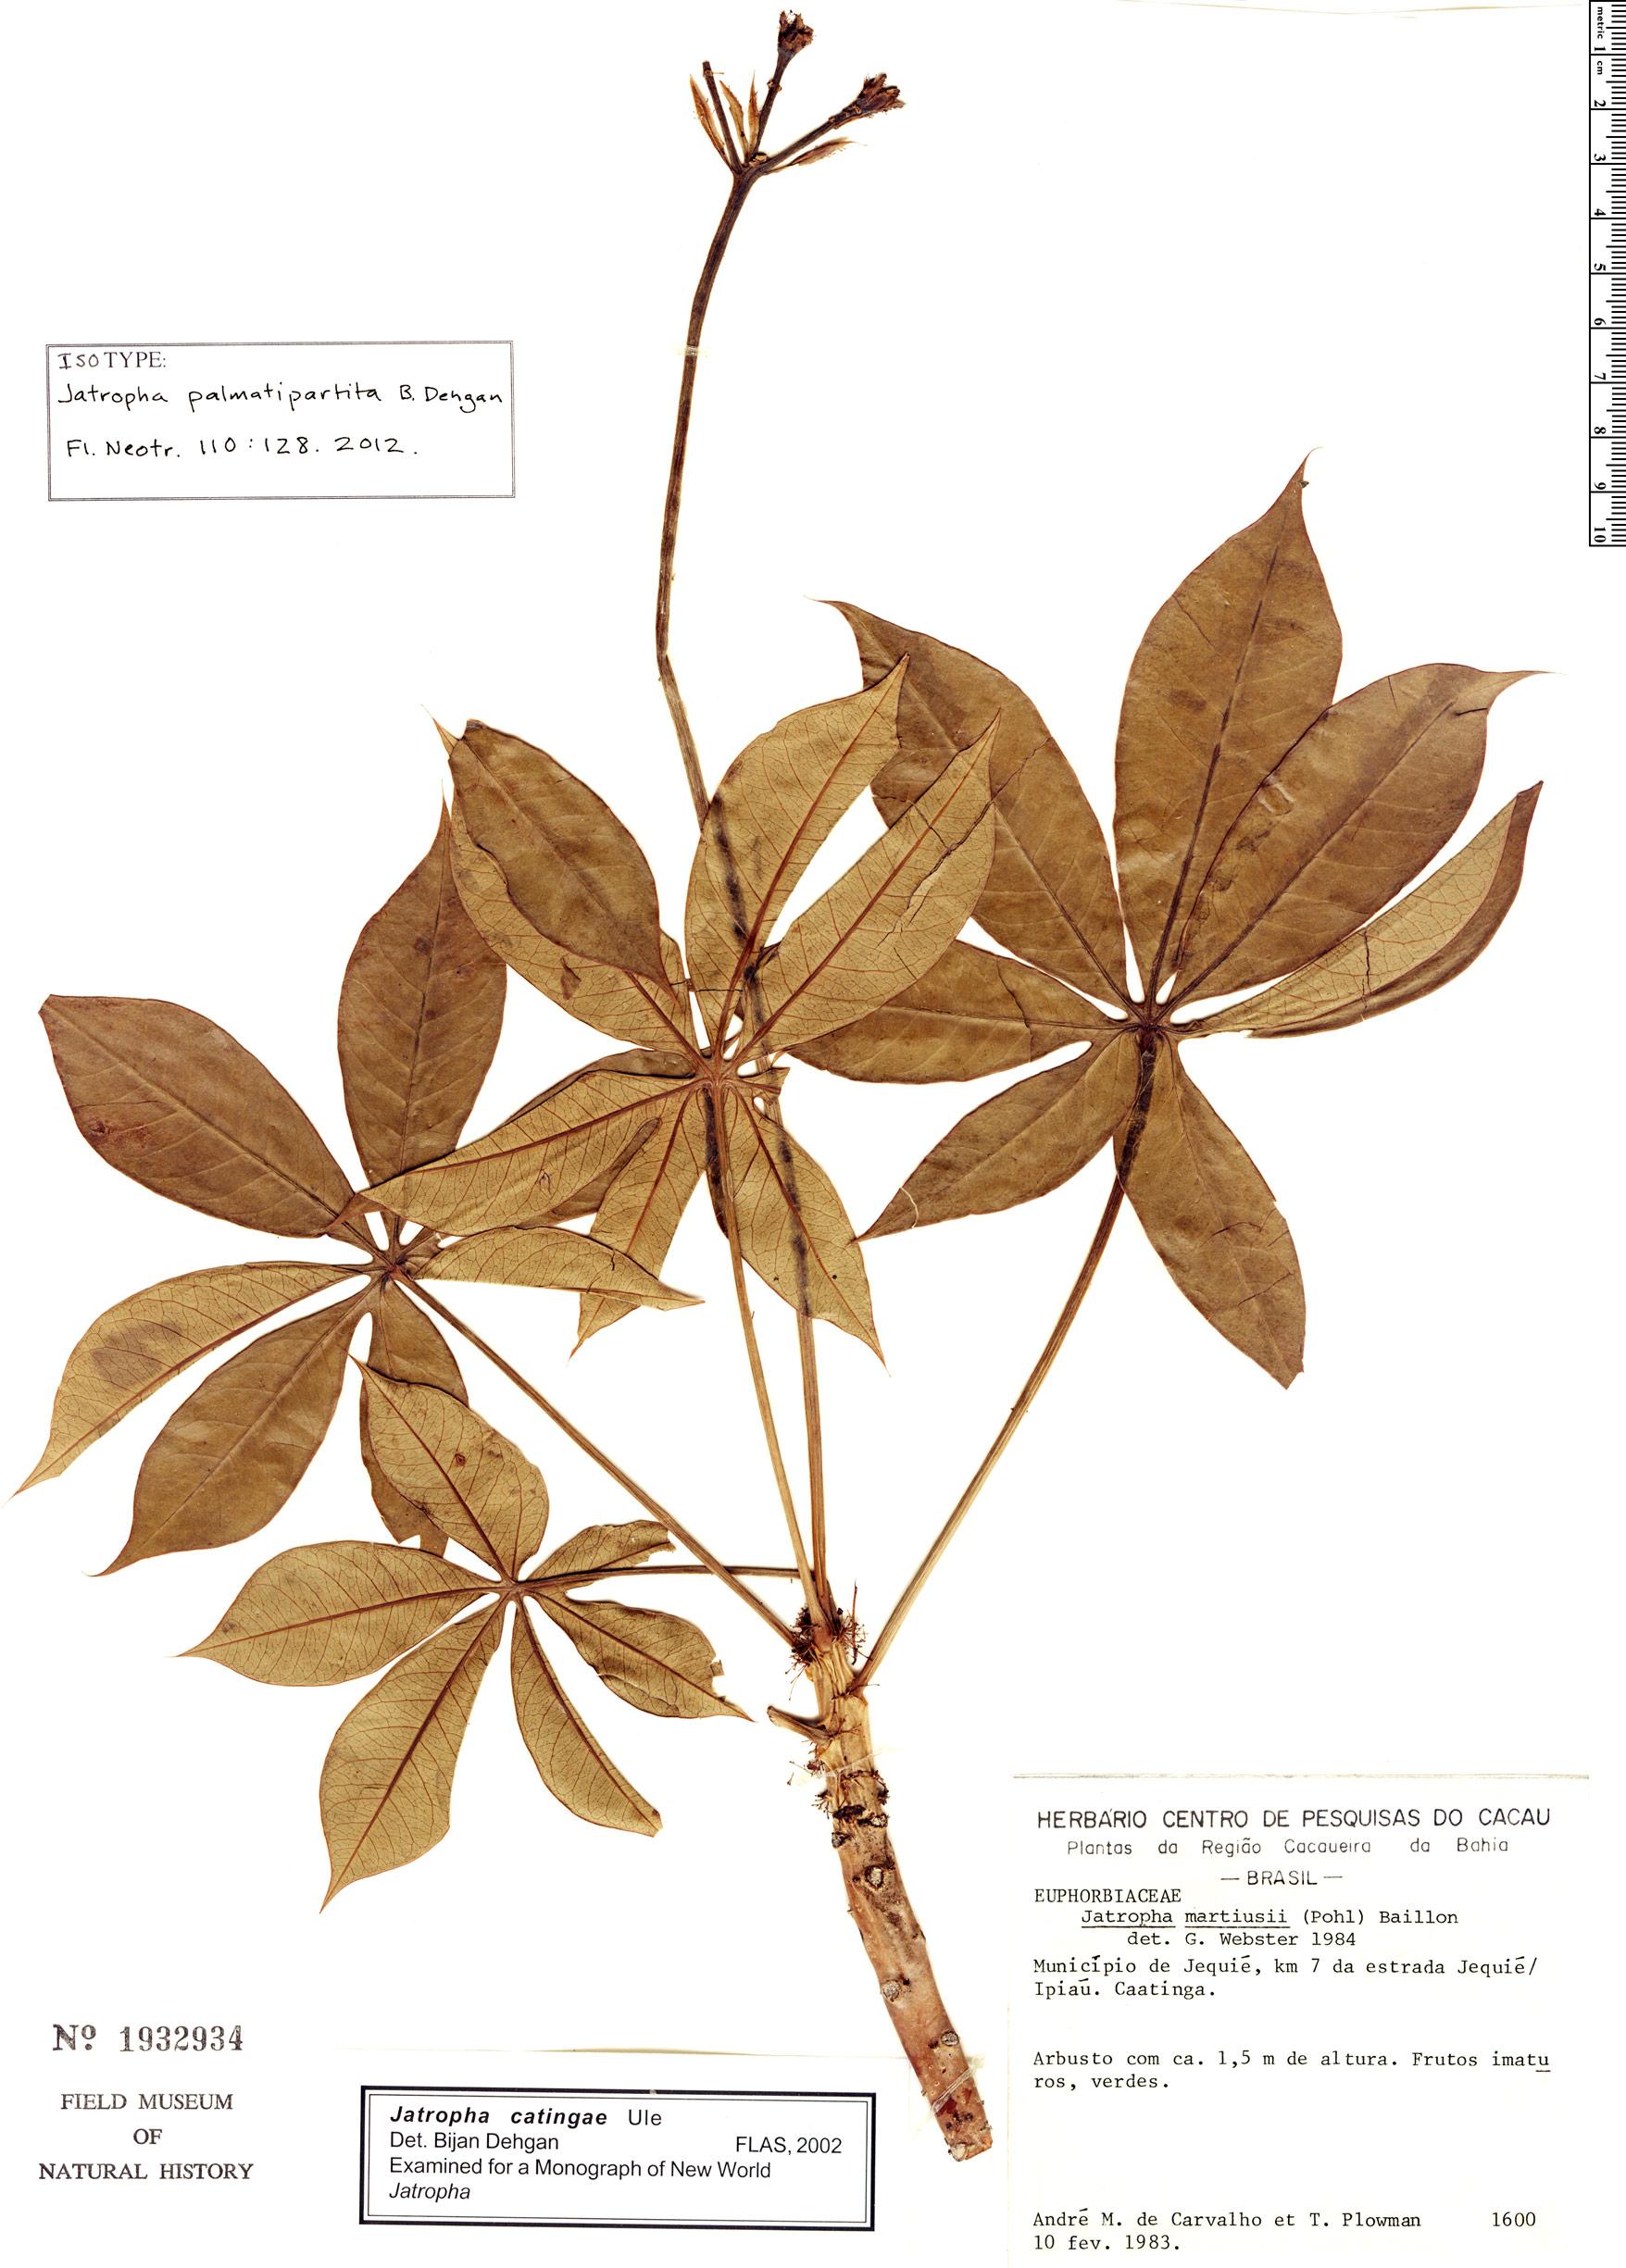 Specimen: Jatropha palmatipartita